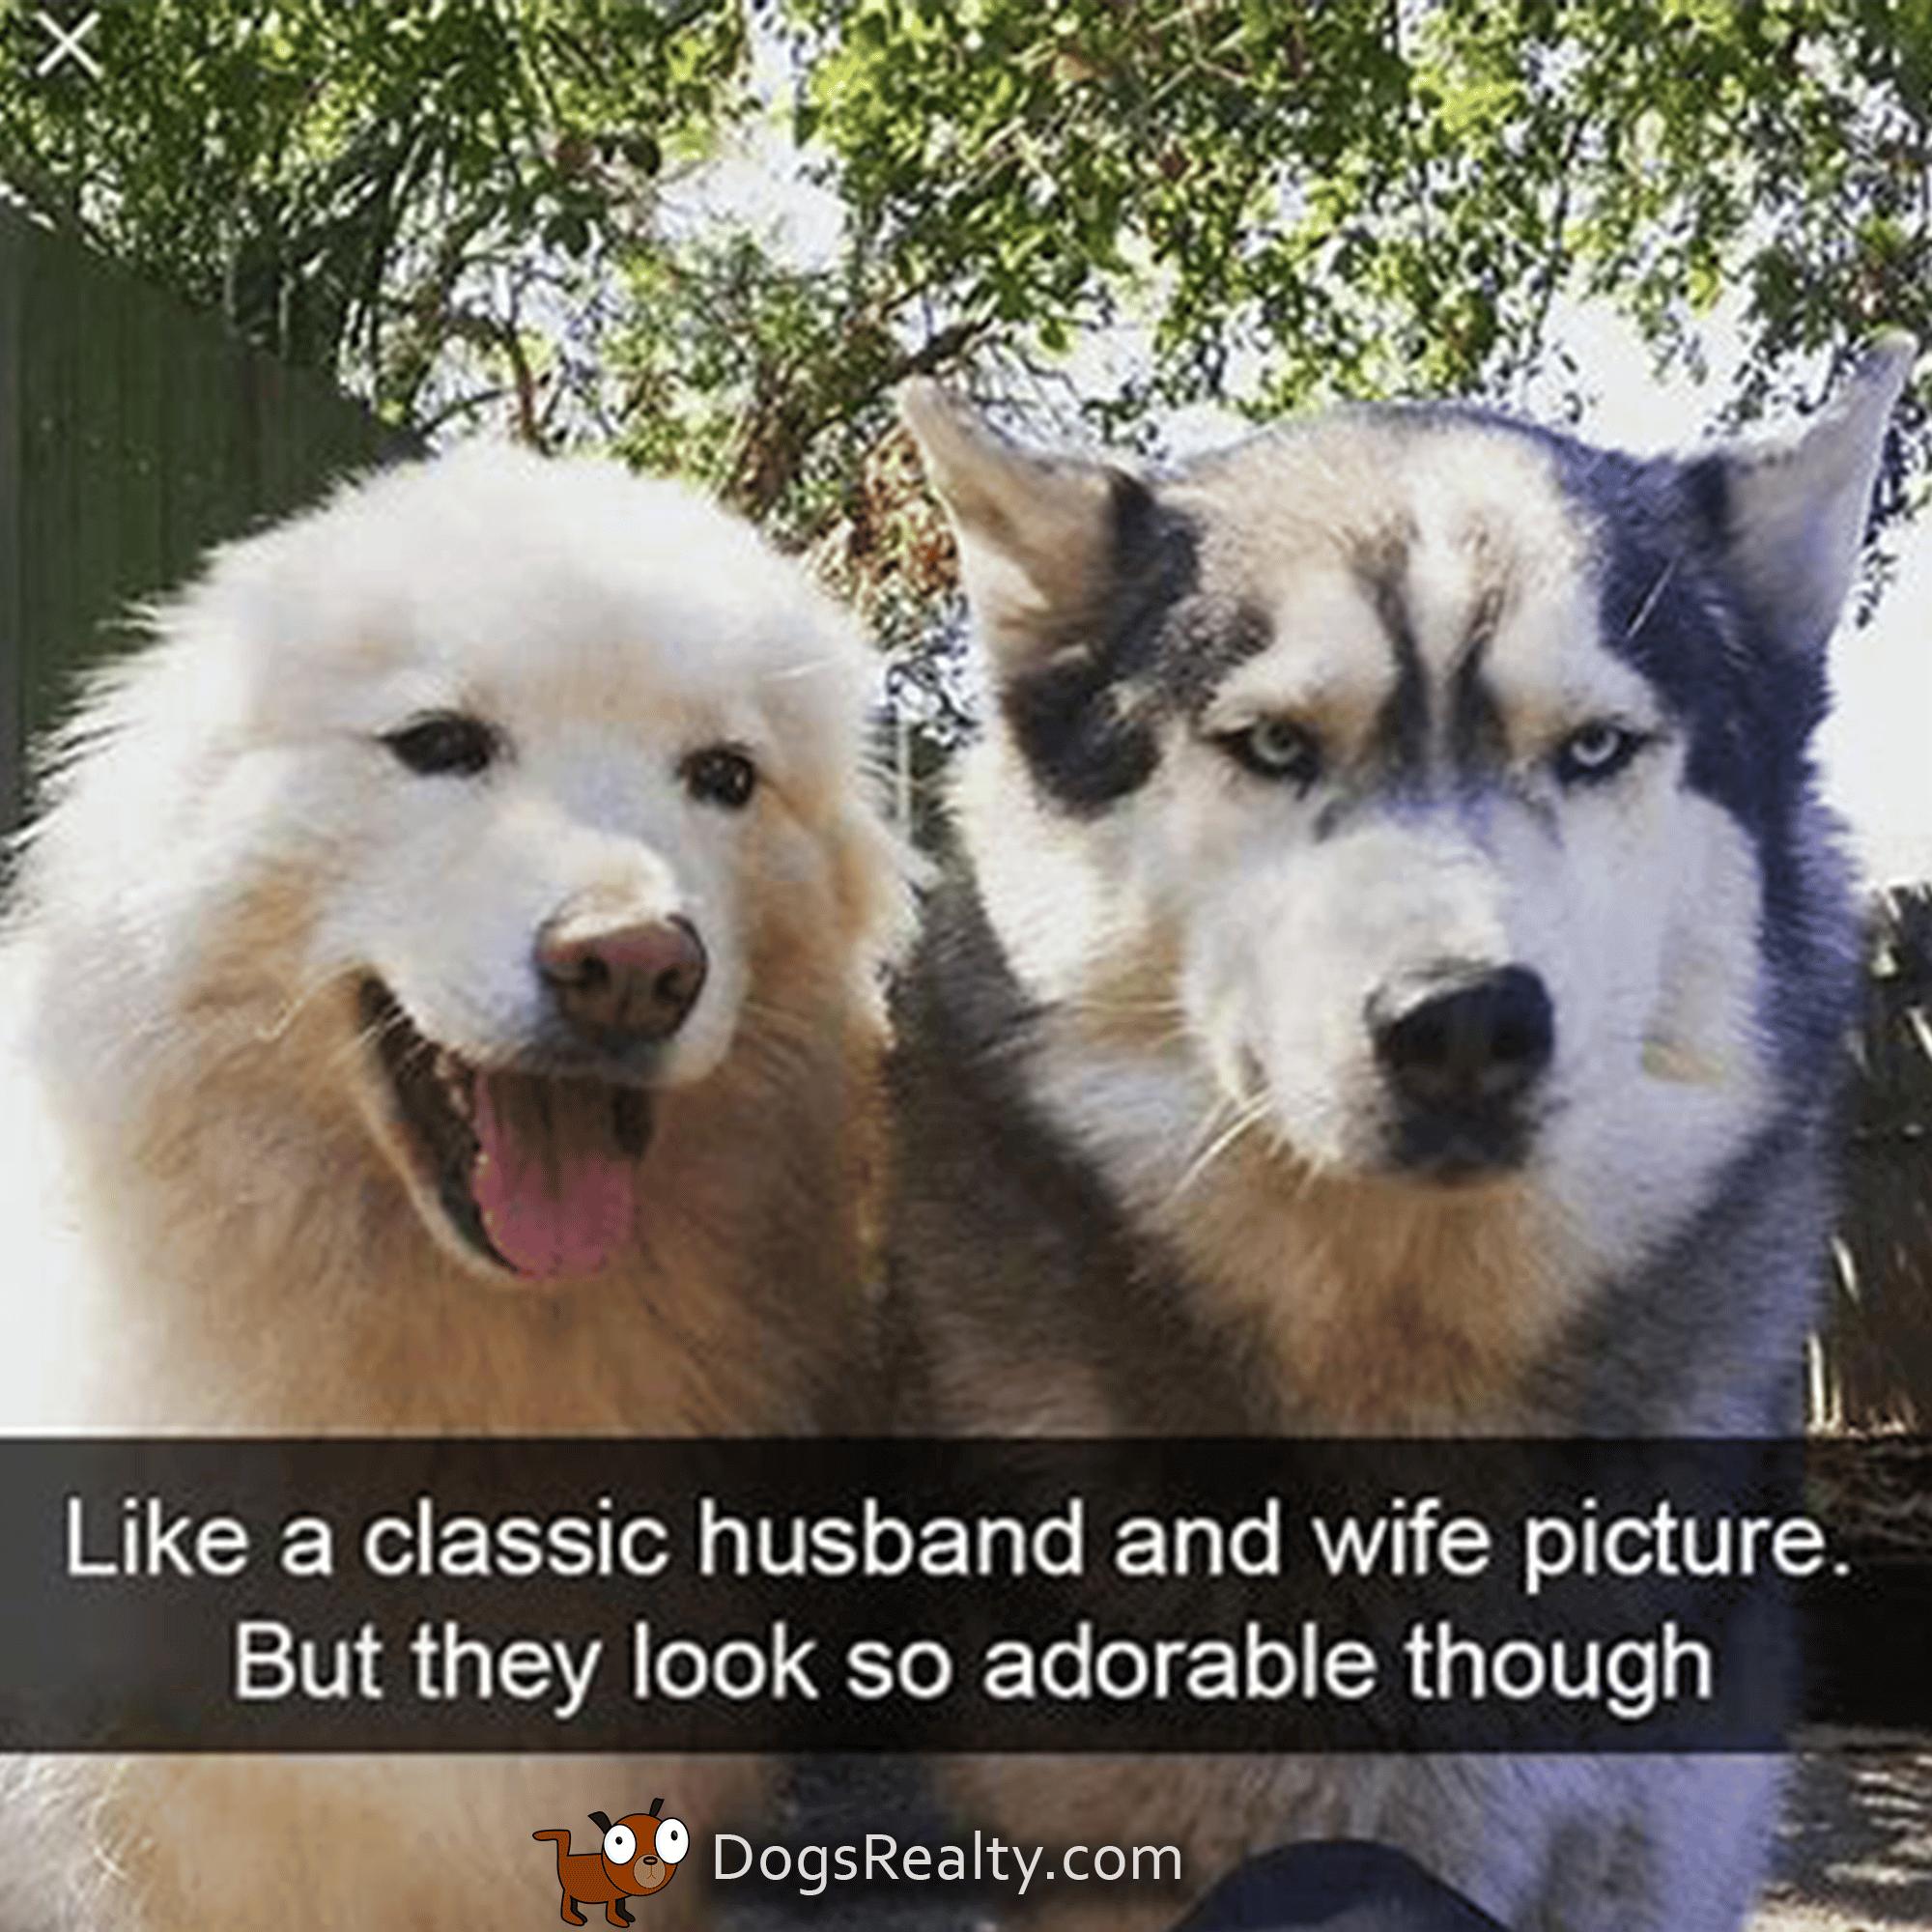 Dog Meme Husband and Wife